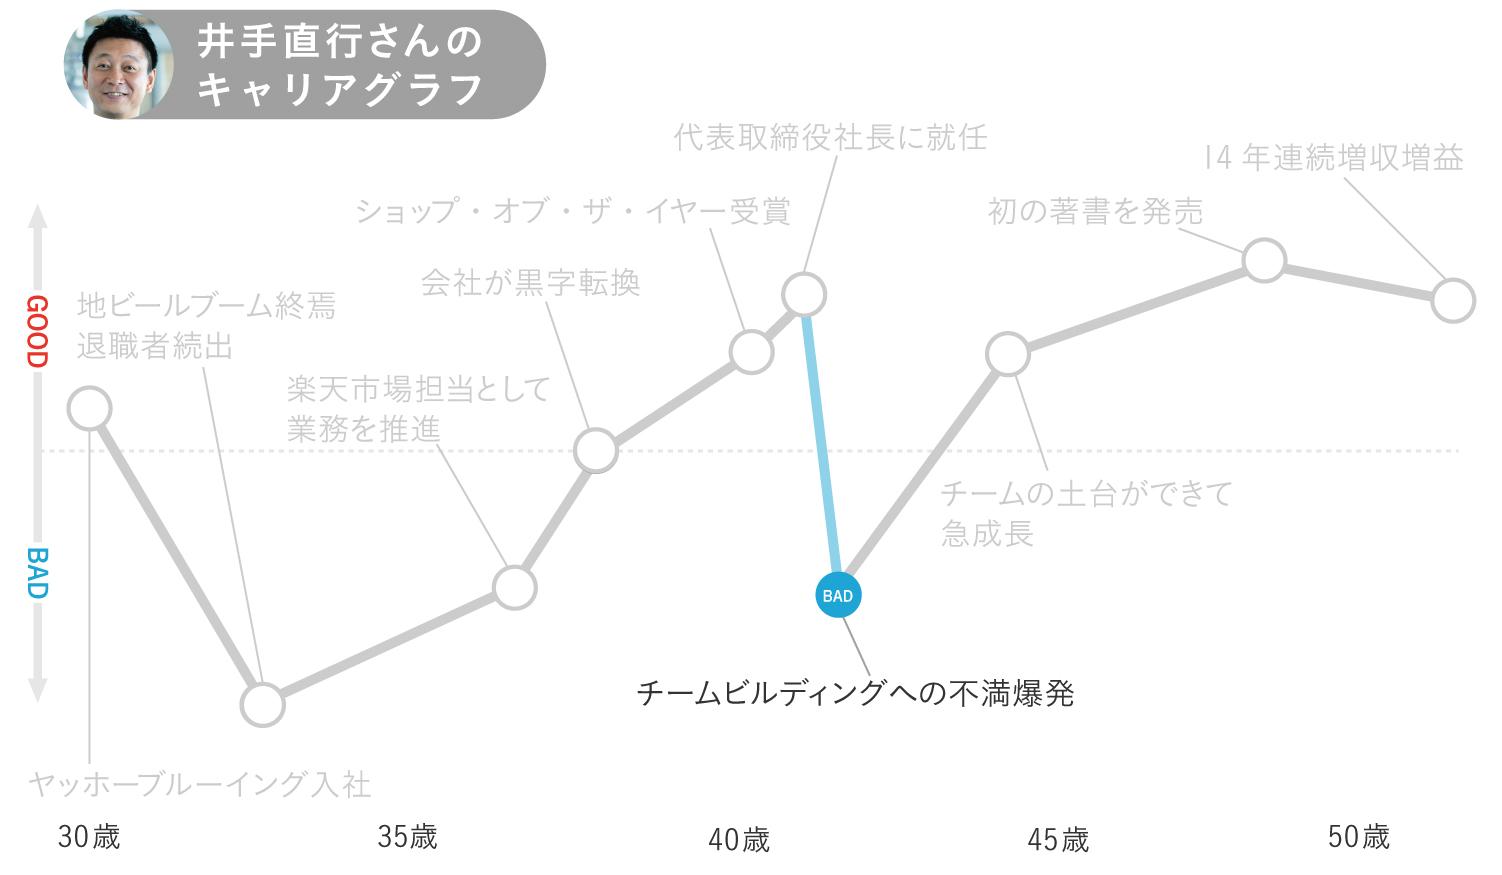 キャリアグラフ4